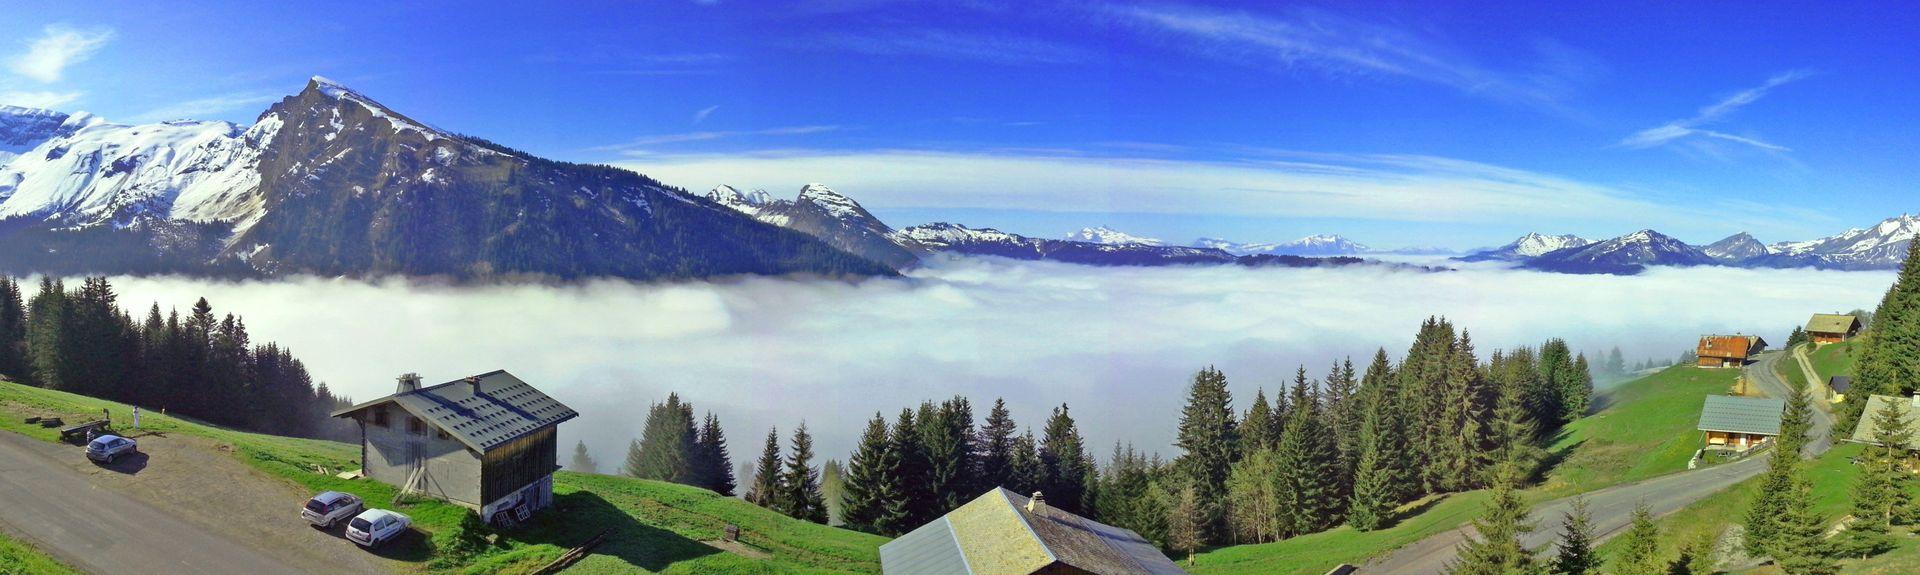 Onnion, Auvergne-Rhône-Alpes, France